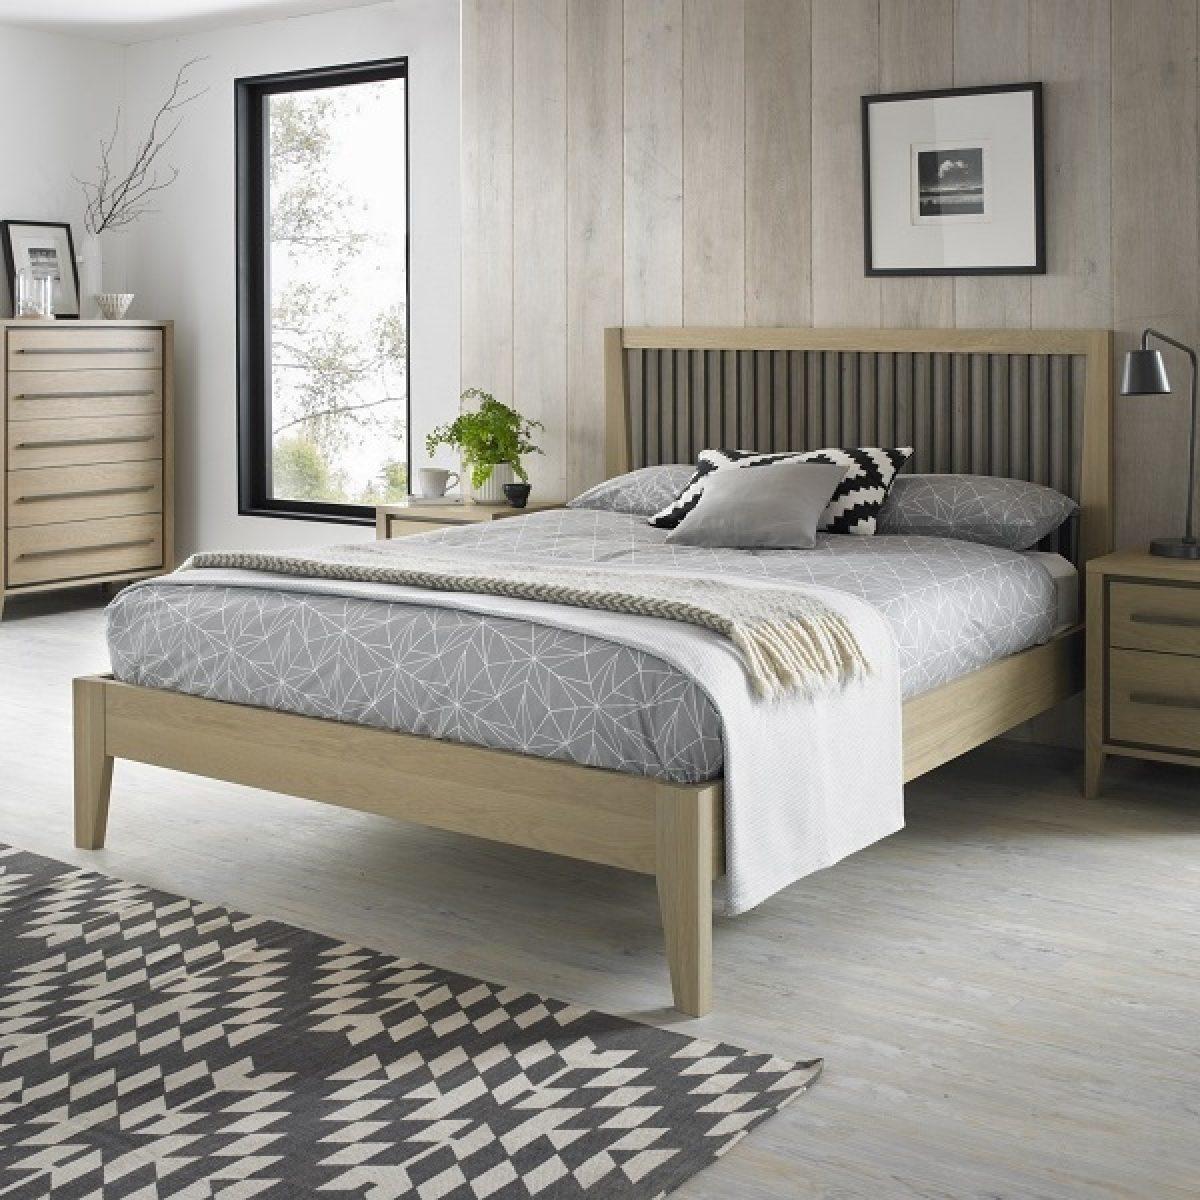 Emilia Bed